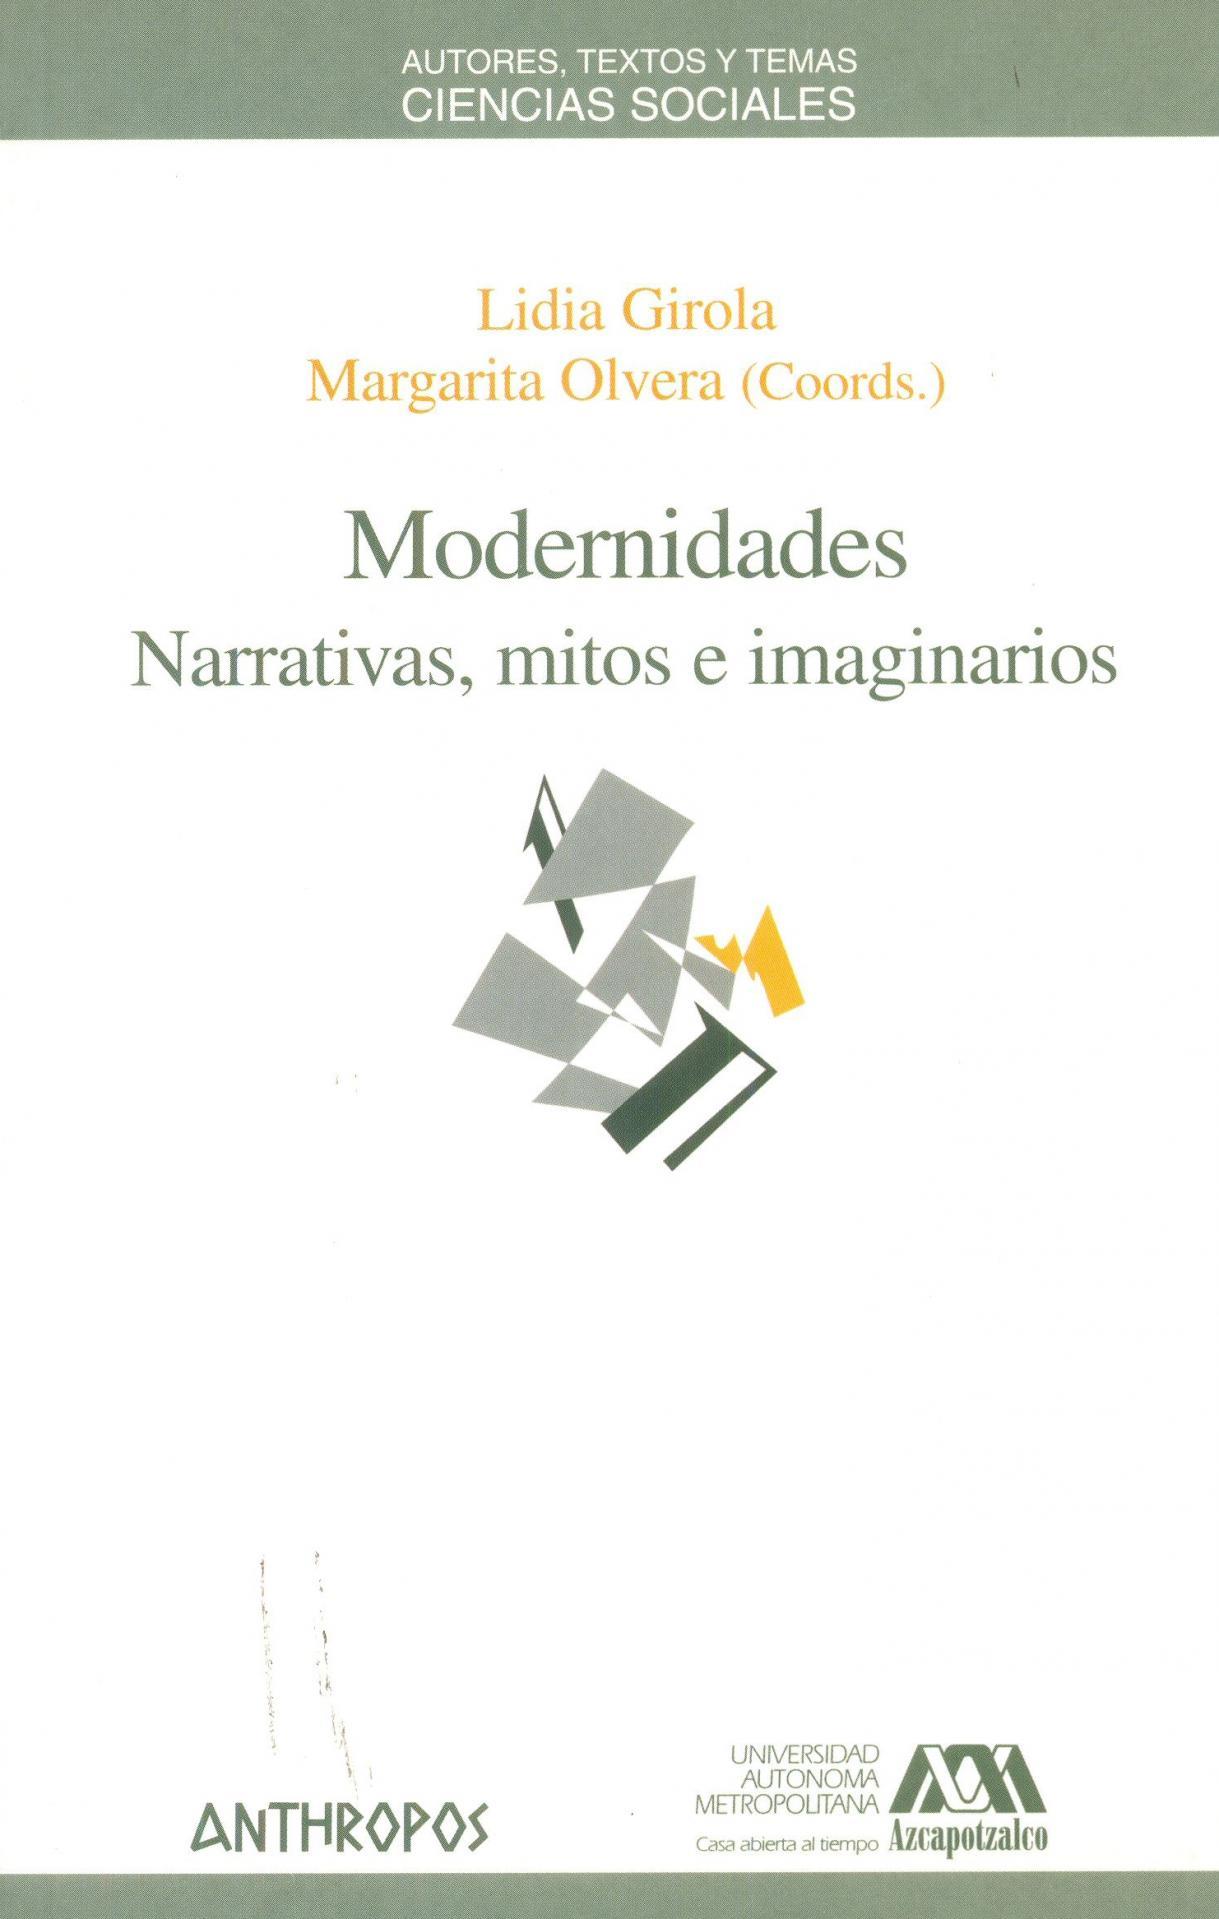 MODERNIDADES. Narrativas, mitos e imaginarios. Girola, L.